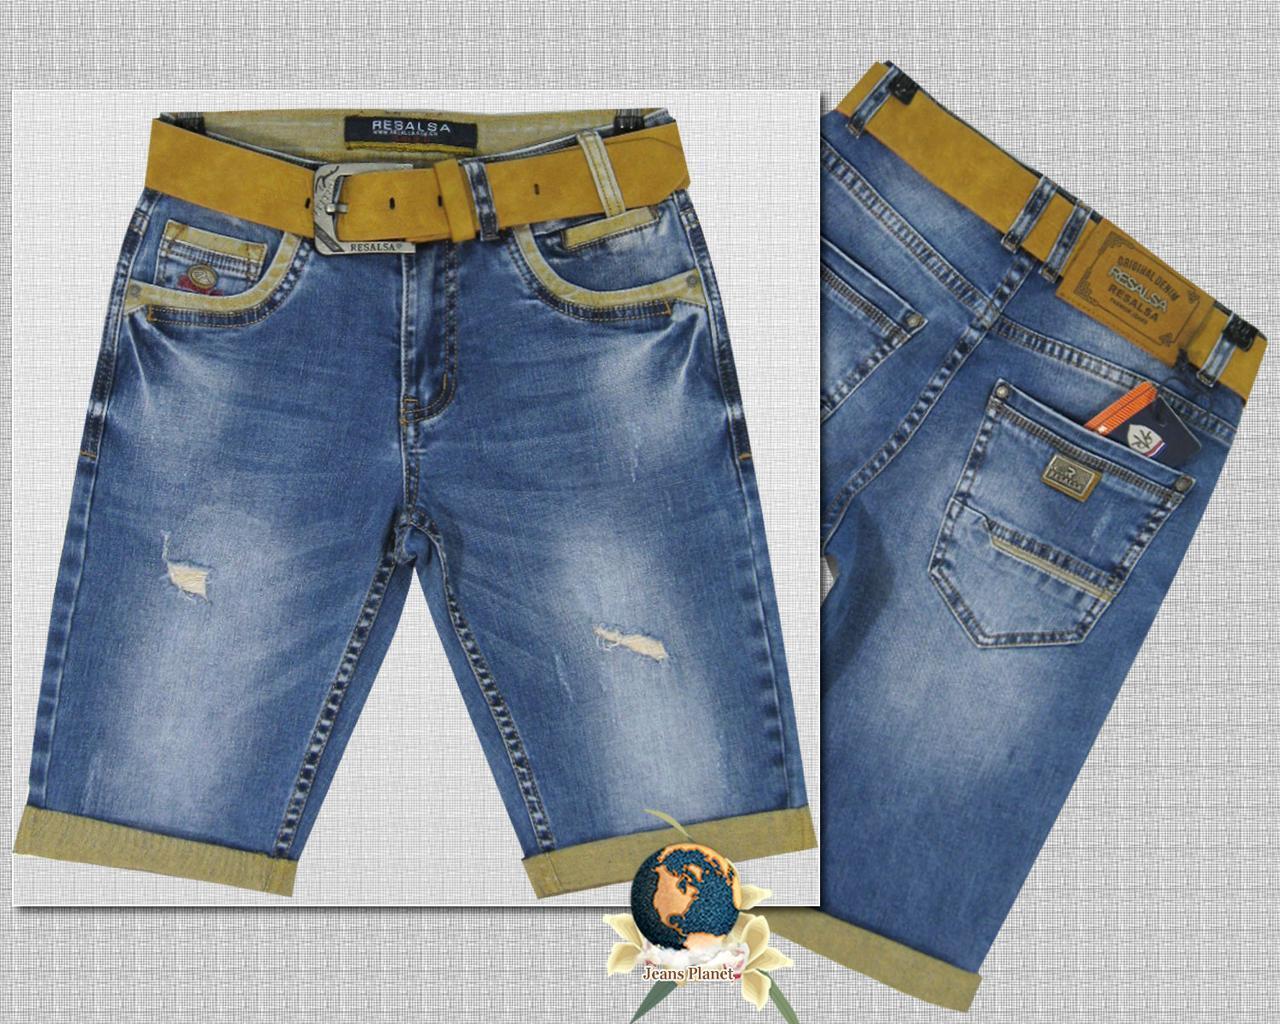 Шорты мужские джинсовые молодёжные Resalsa протёртые с ремнём